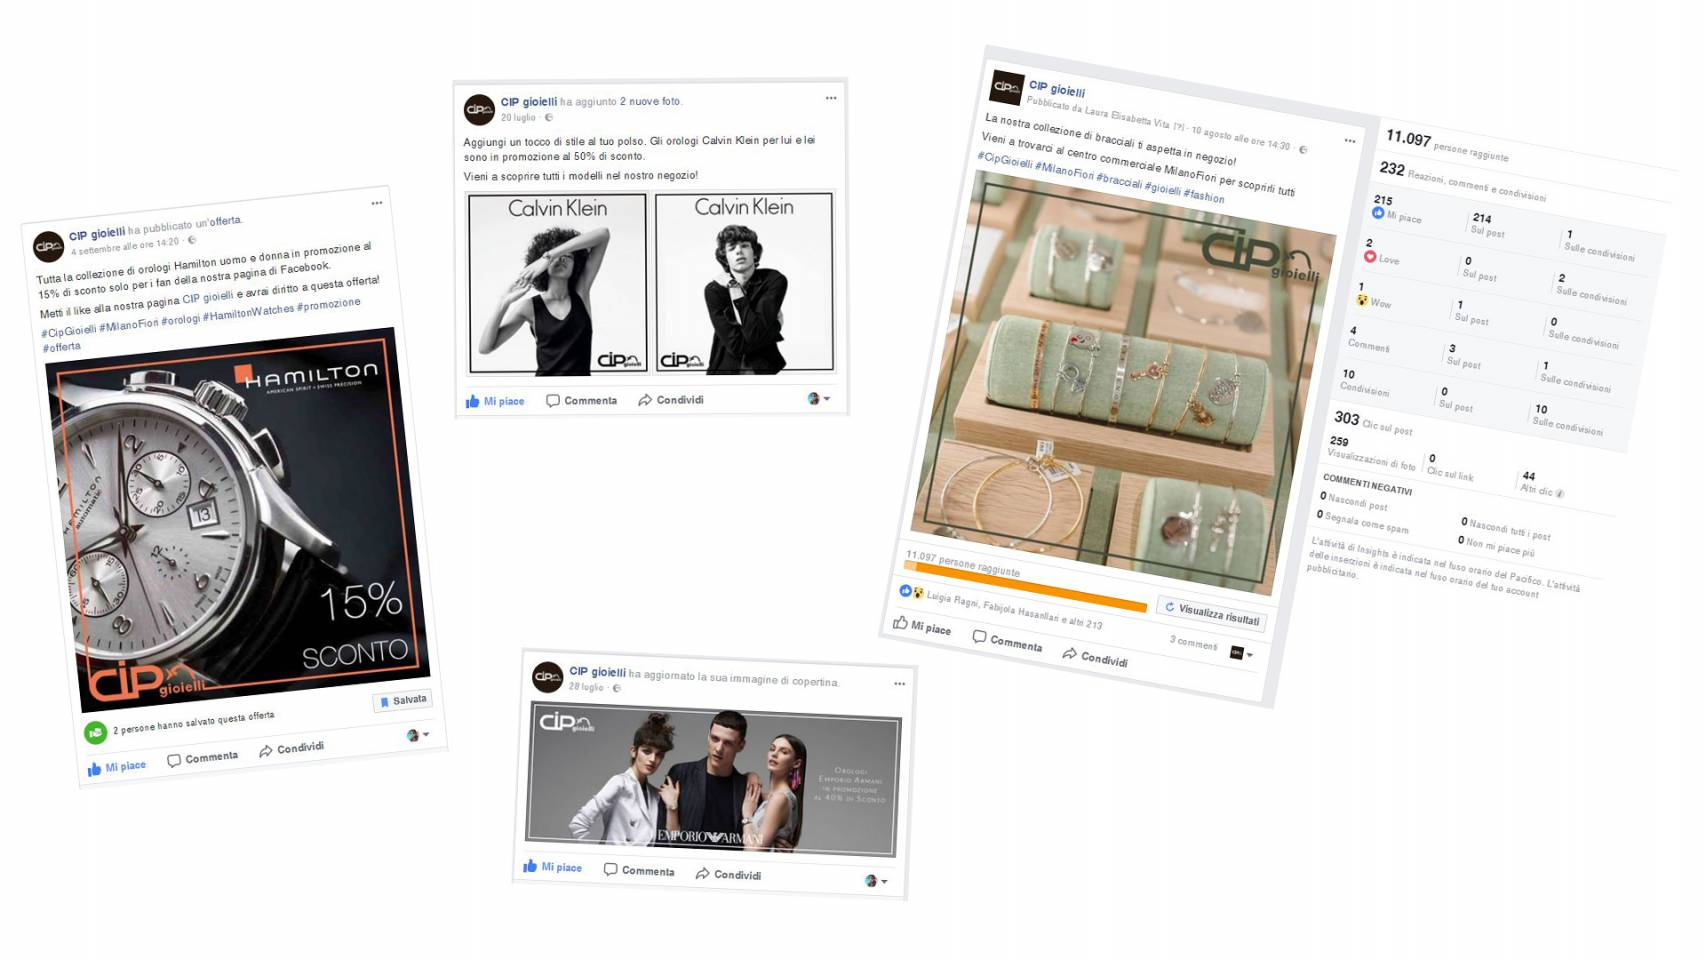 NewVisibility gestisce i social network per la gioielleria Cip Gioielli di Assago